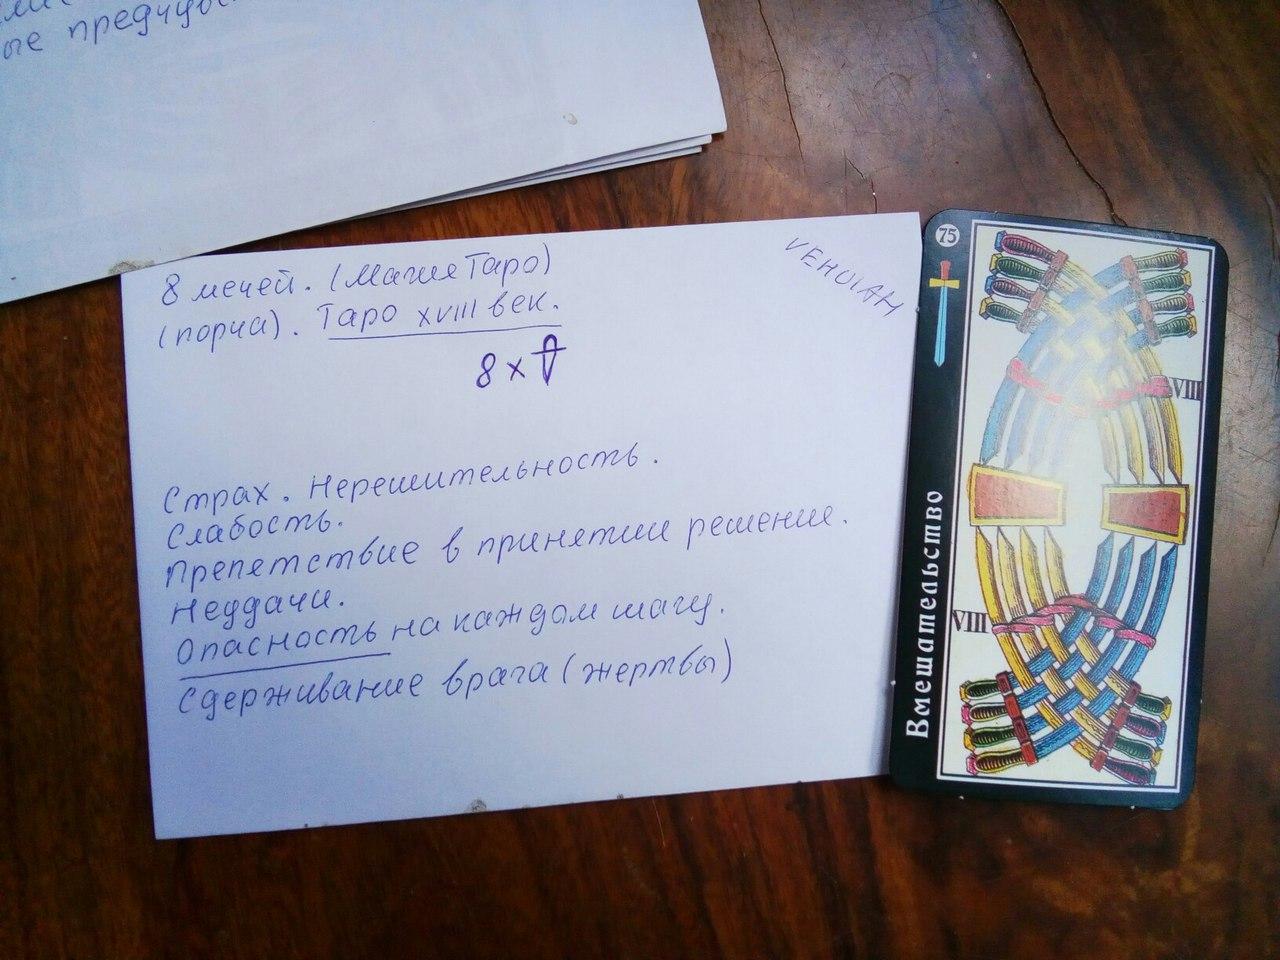 Рунограмма - Конверты с магическими программами от Елены Руденко. Ставы, символы, руническая магия.  - Страница 6 W88IJ_gIS5E